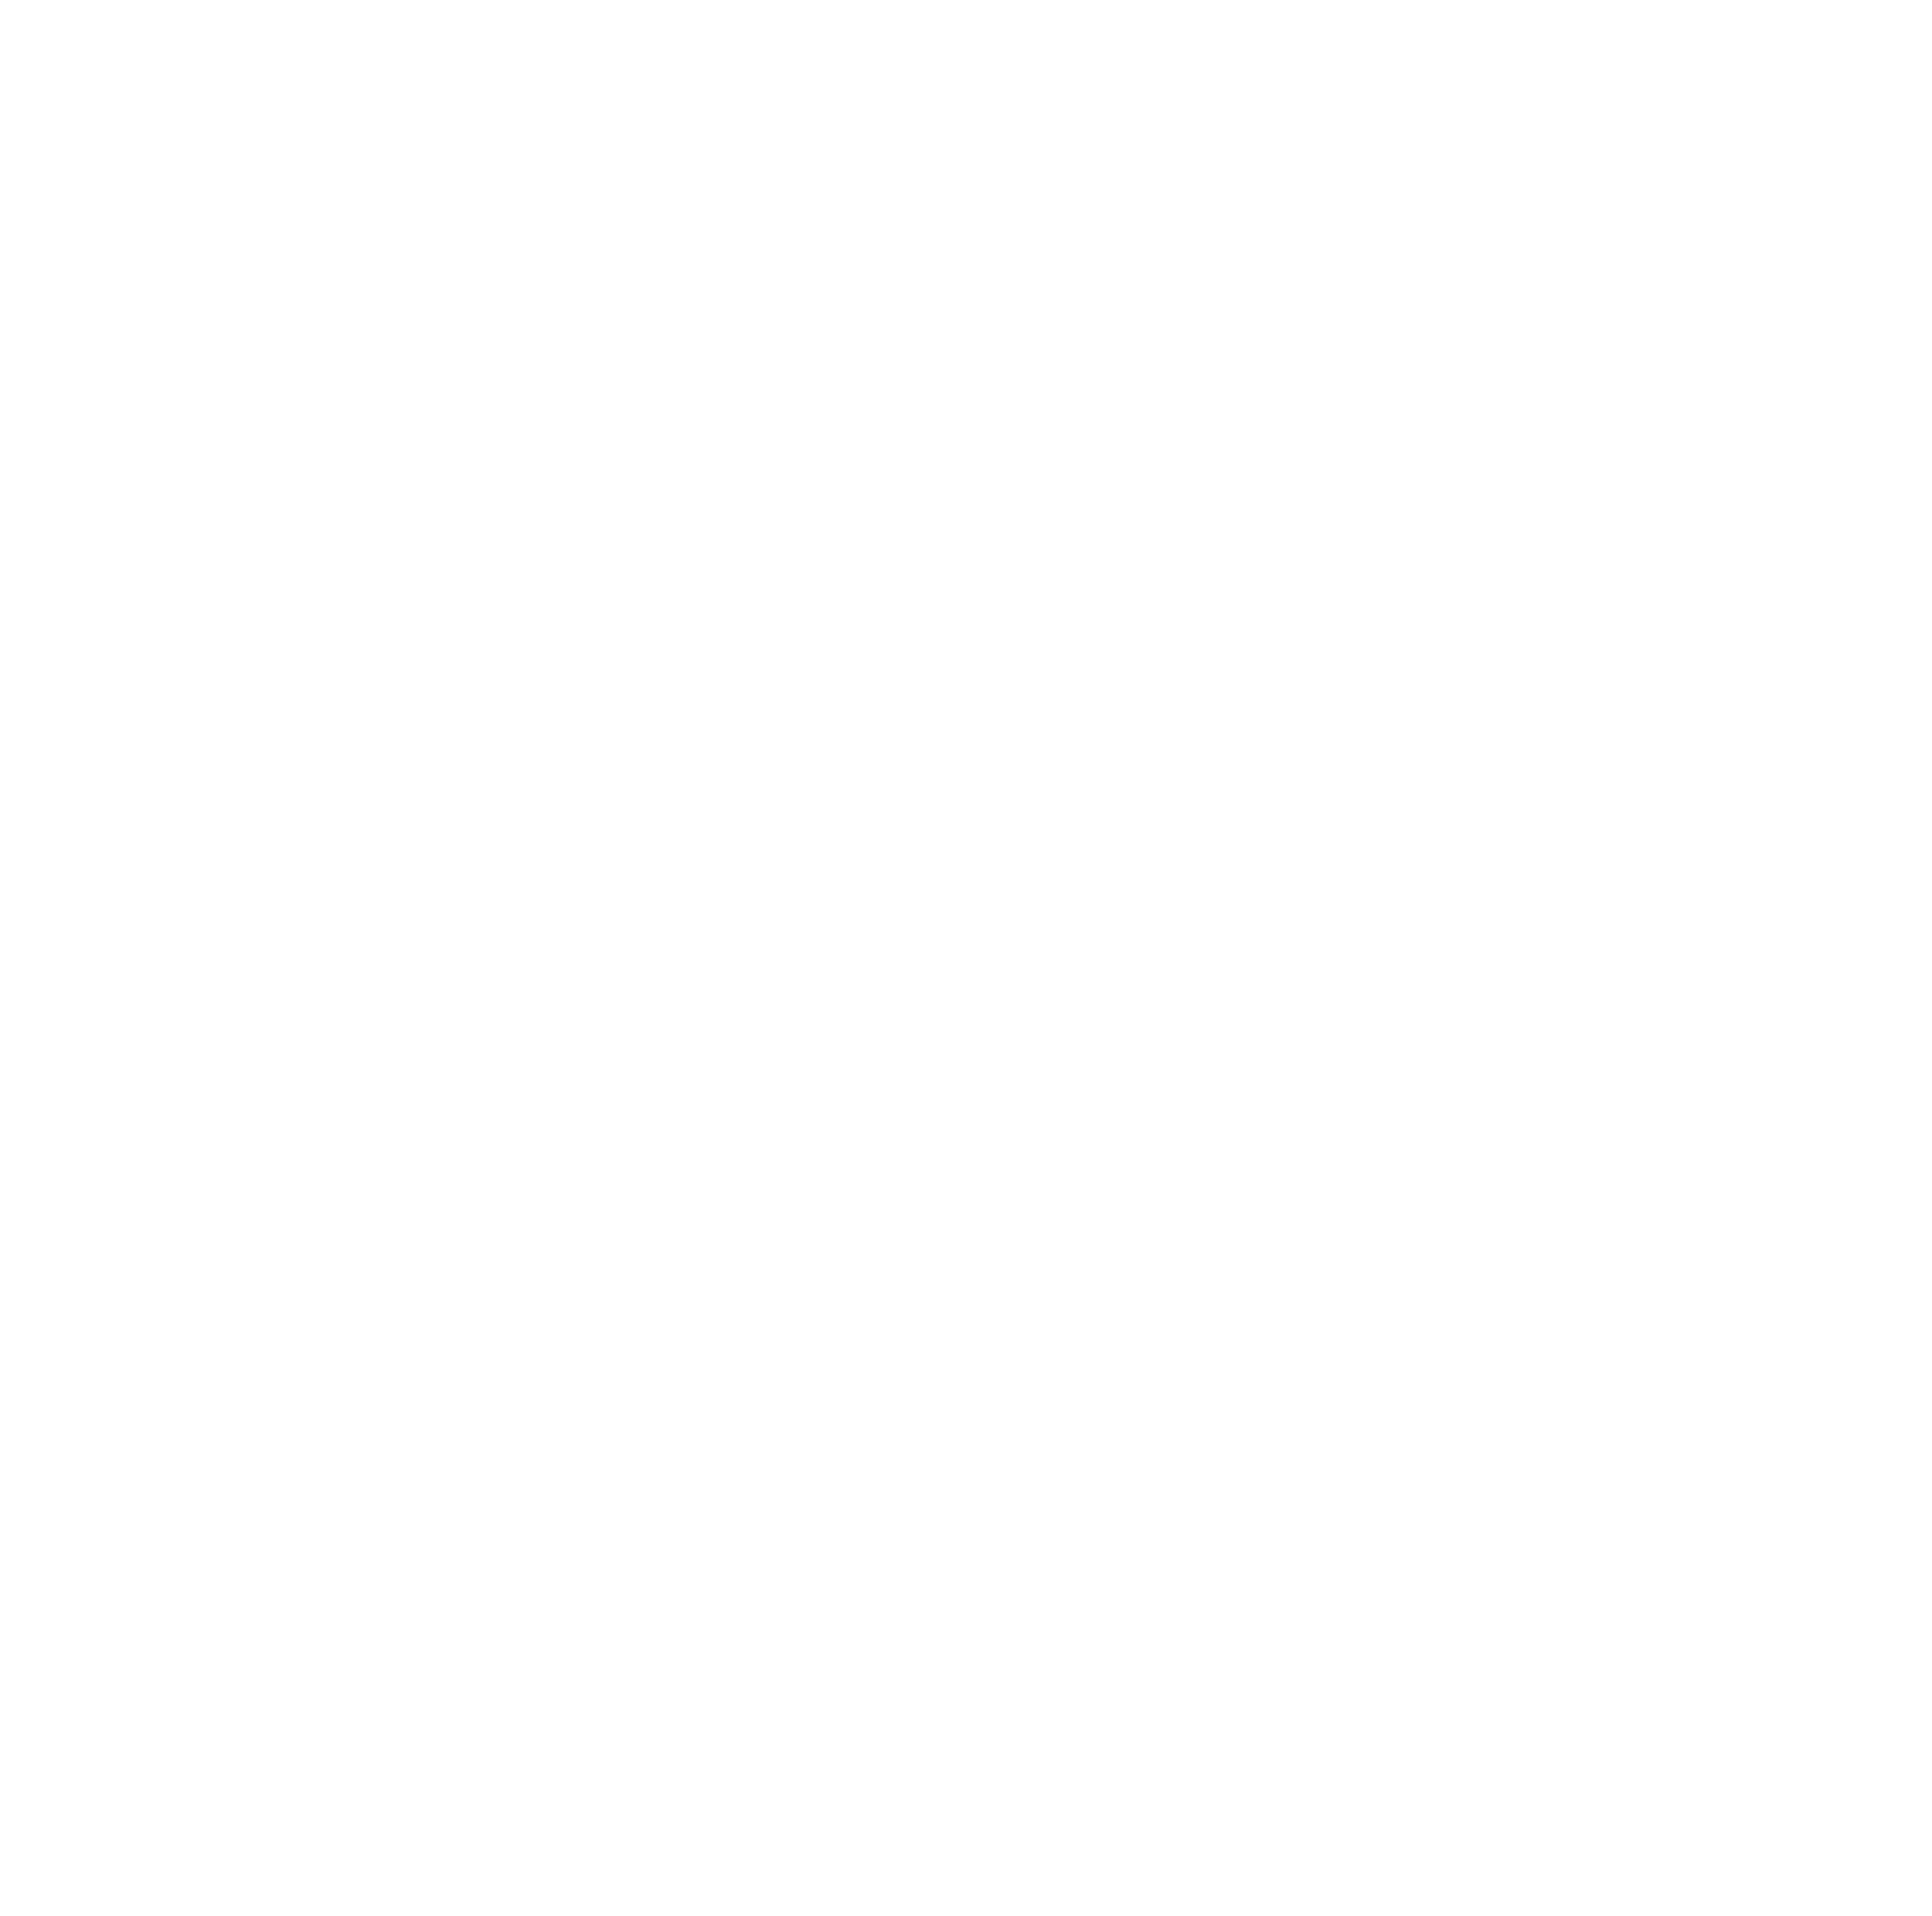 bloXroute